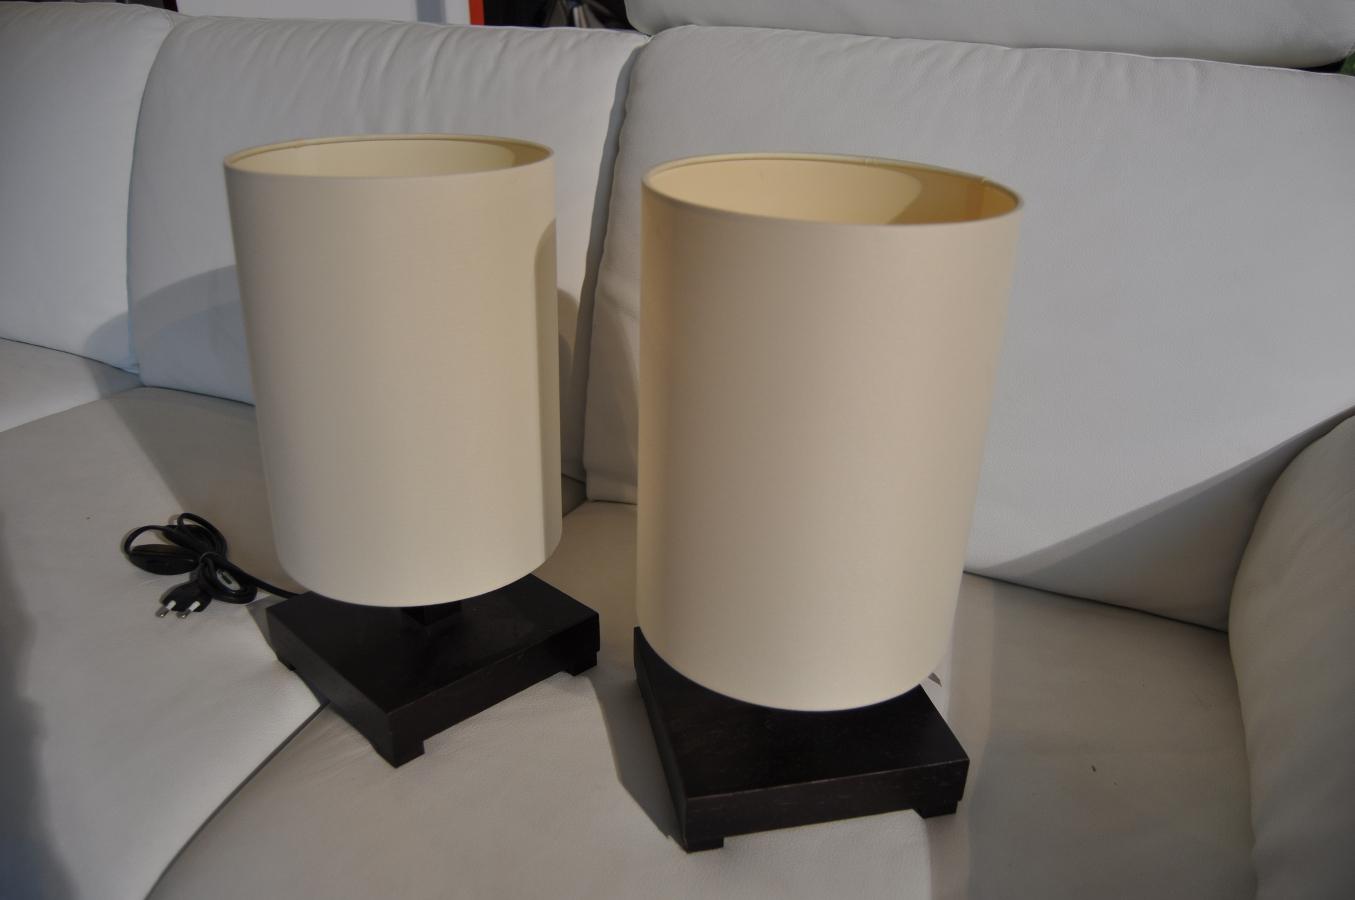 Vendita cappelli in vetro per lampade da tavolo la for Lampade da tavolo per ufficio